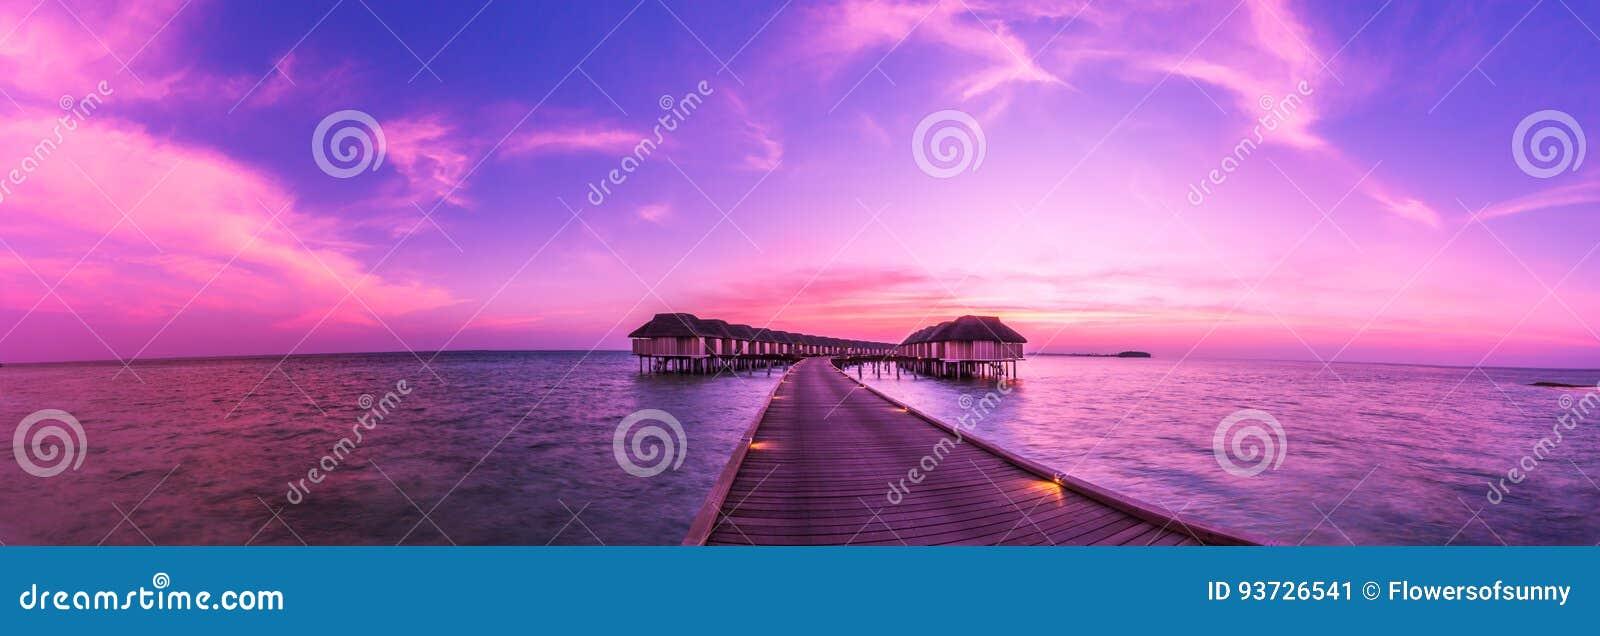 Risultato immagini per foto natura colore rosa